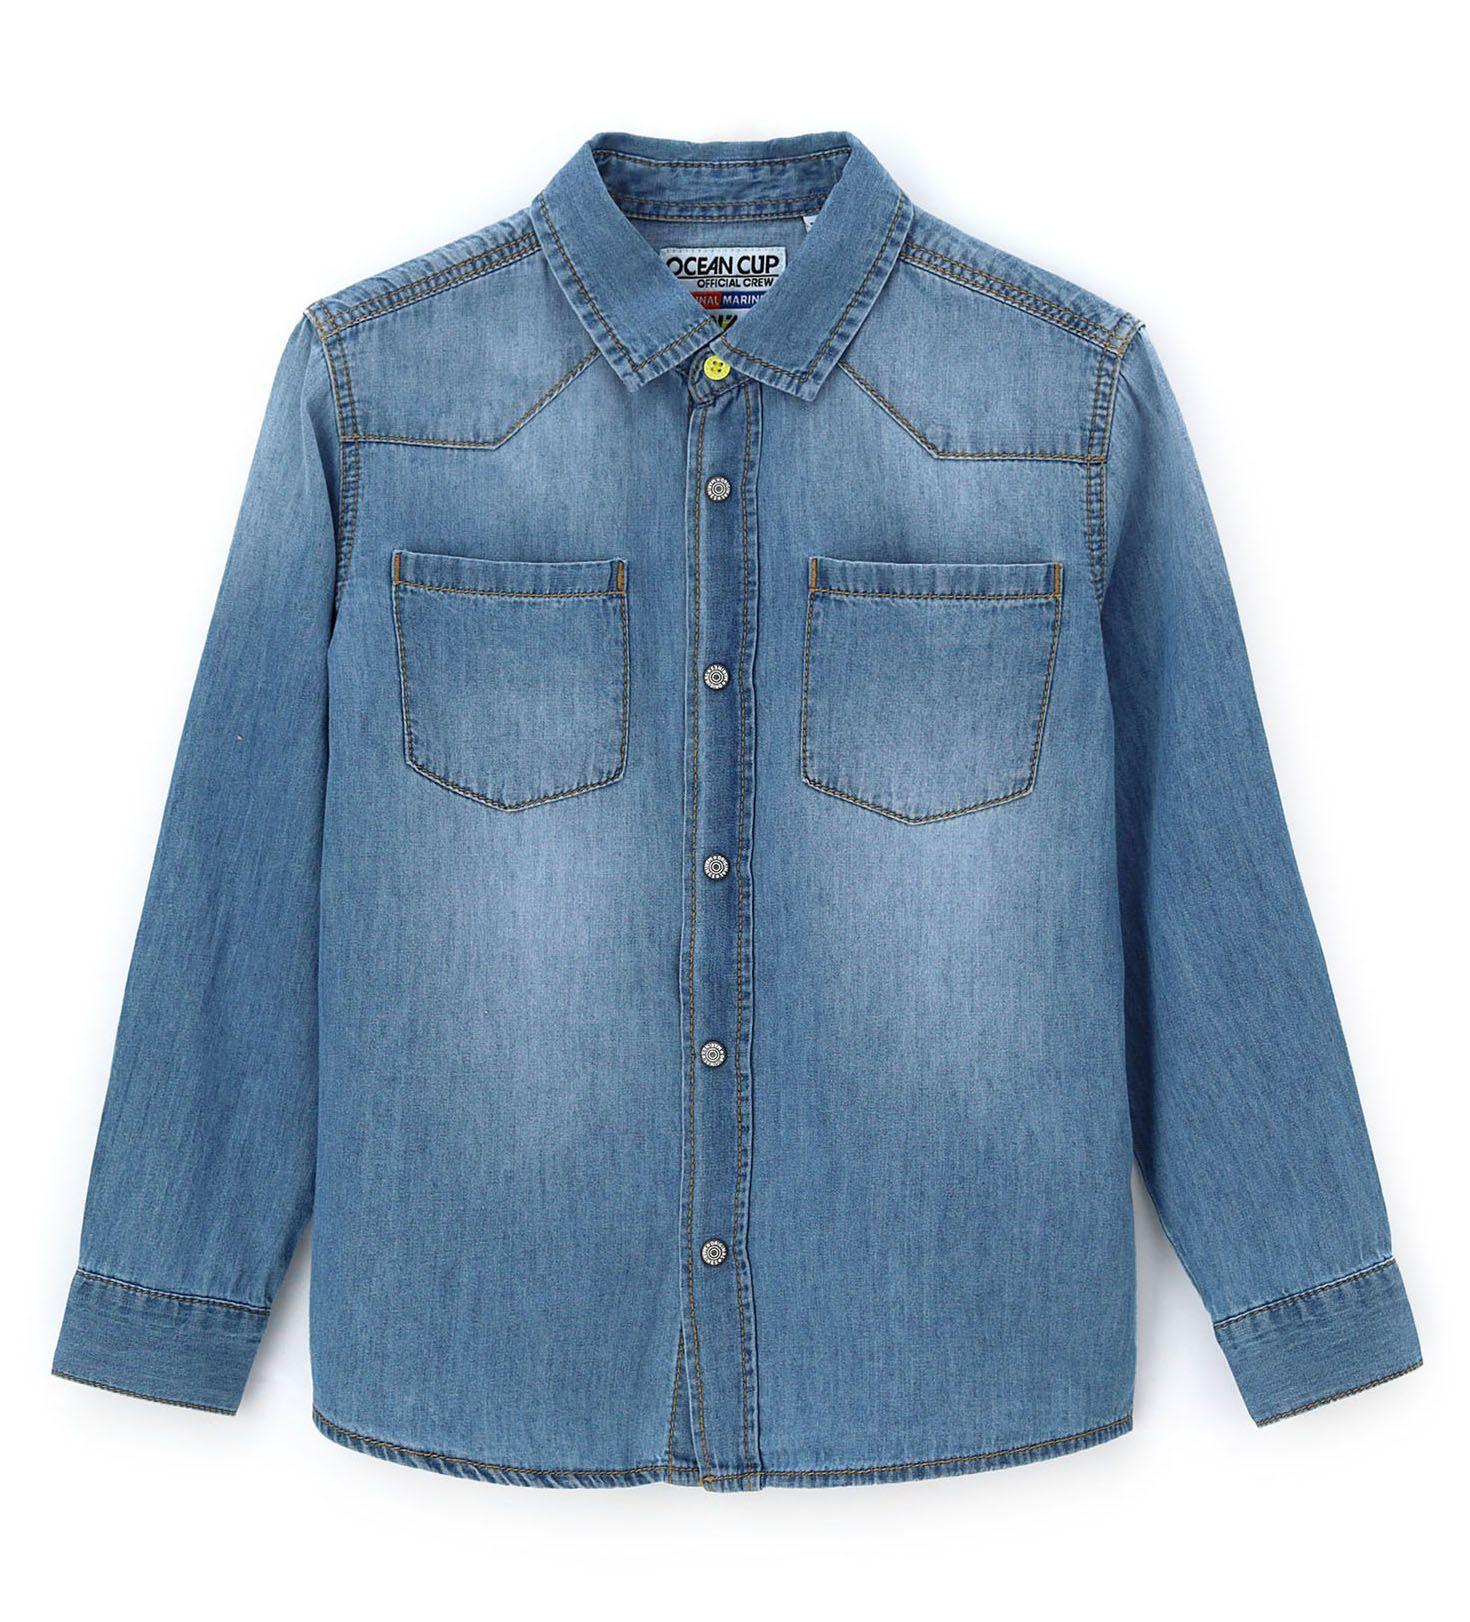 Купить Рубашка с длинным рукавом Original Marines, голубой, 116, Мальчики, весна